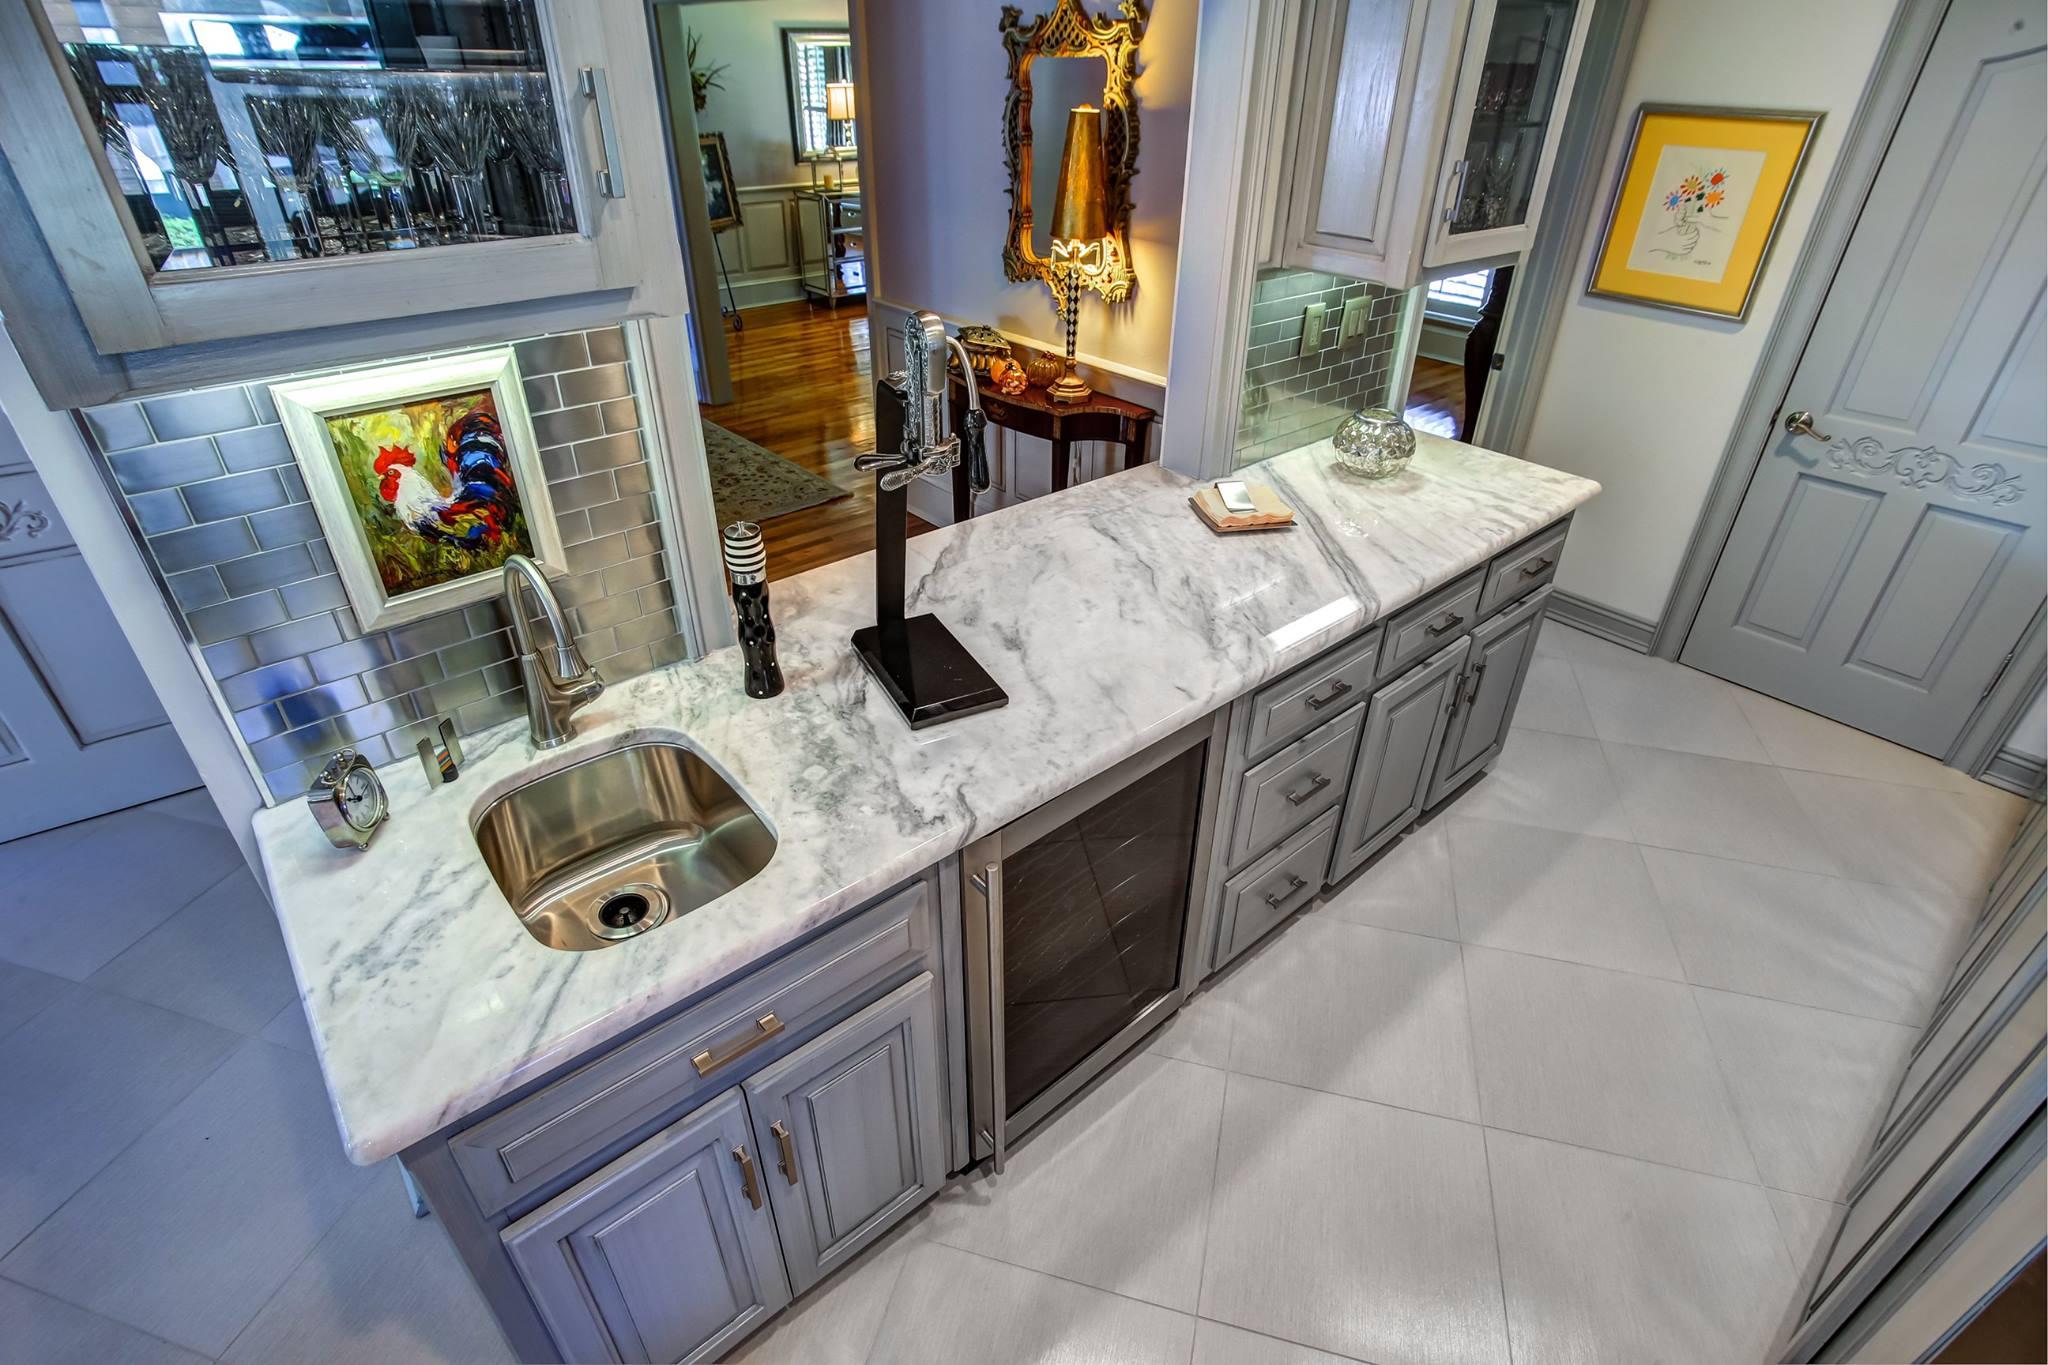 Gallery Superior Granite Natural Stone Amp Quartz